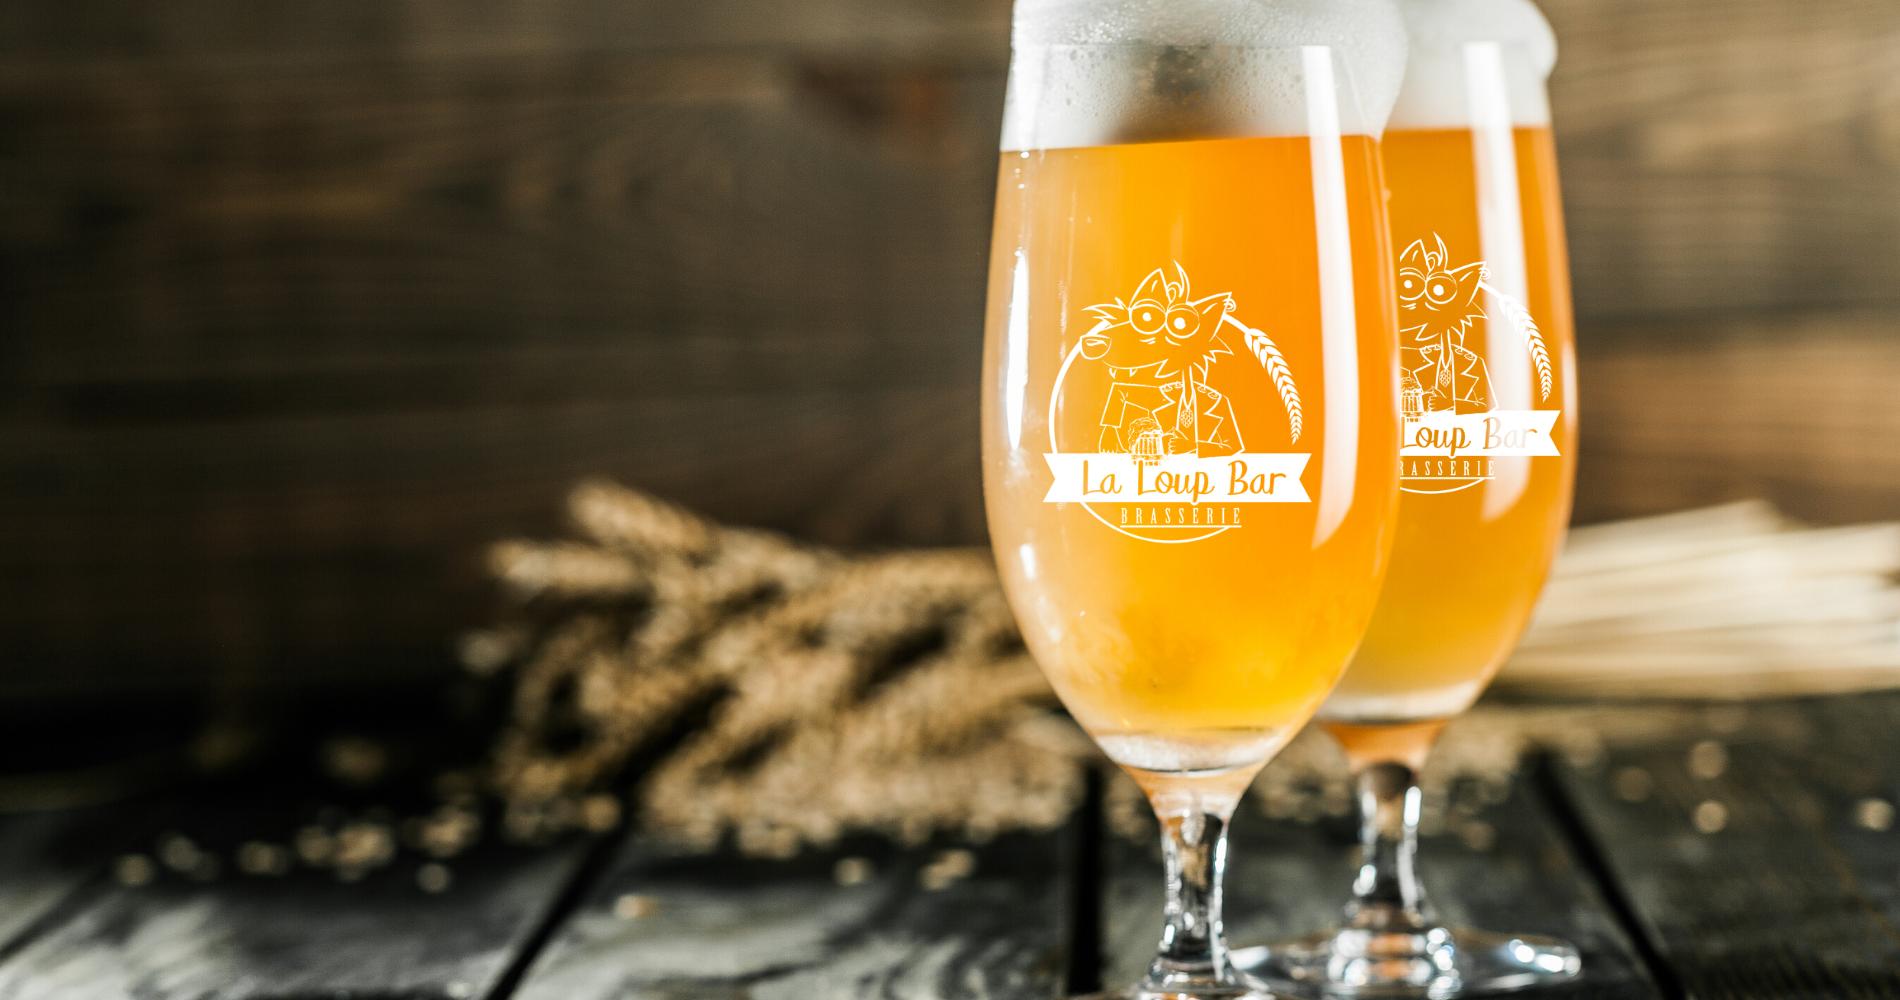 La LoupBar Brasserie artisanale à Moyon_Bière locale Manche